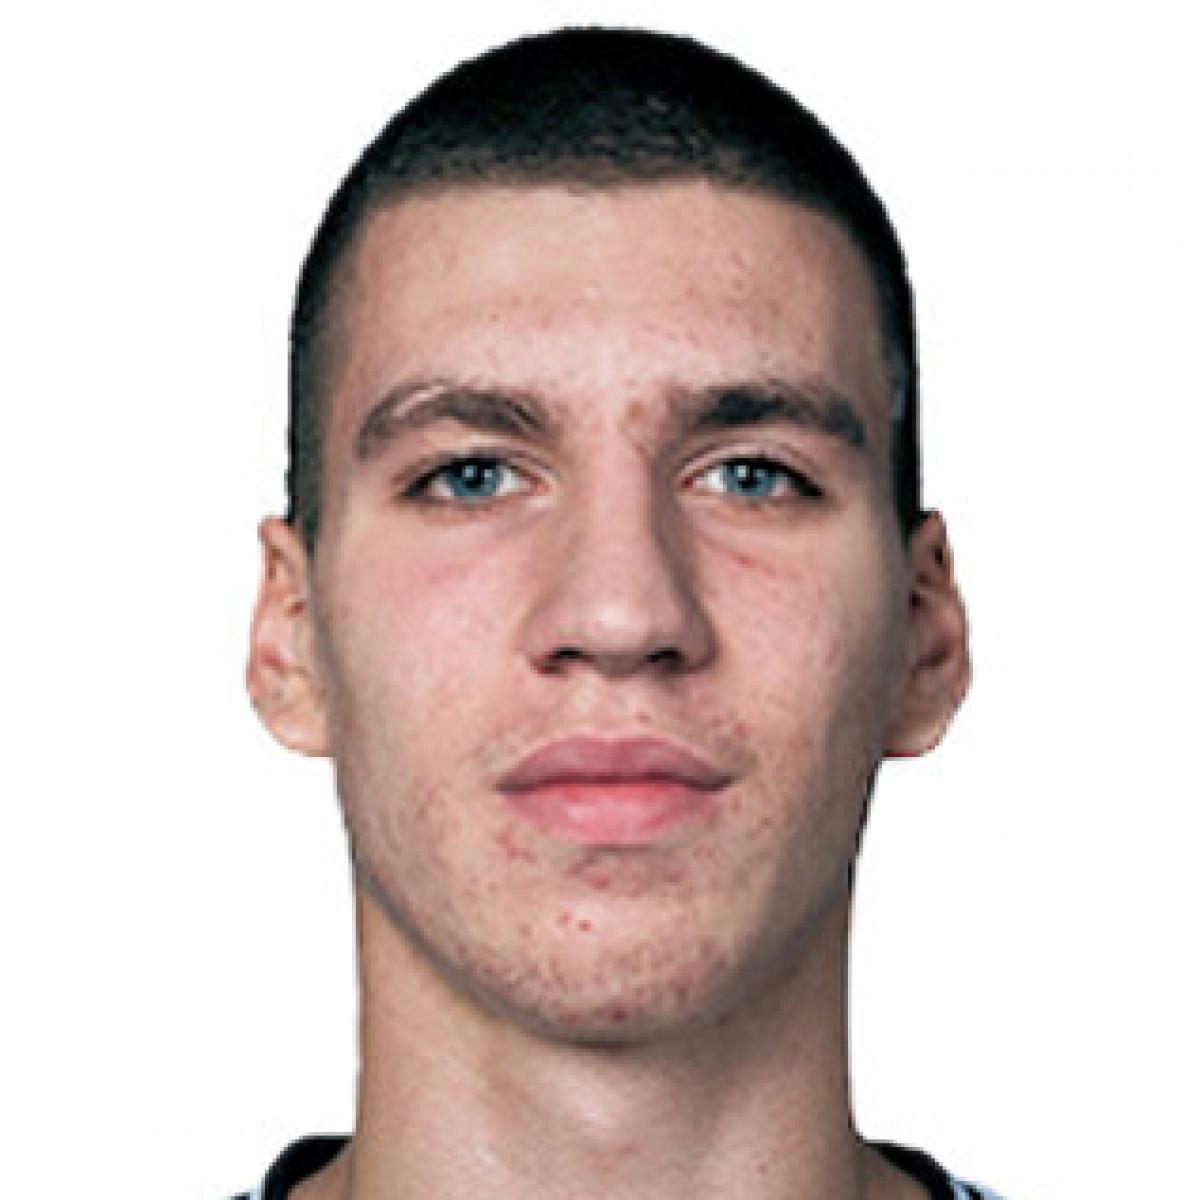 Aleksa Kovacevic